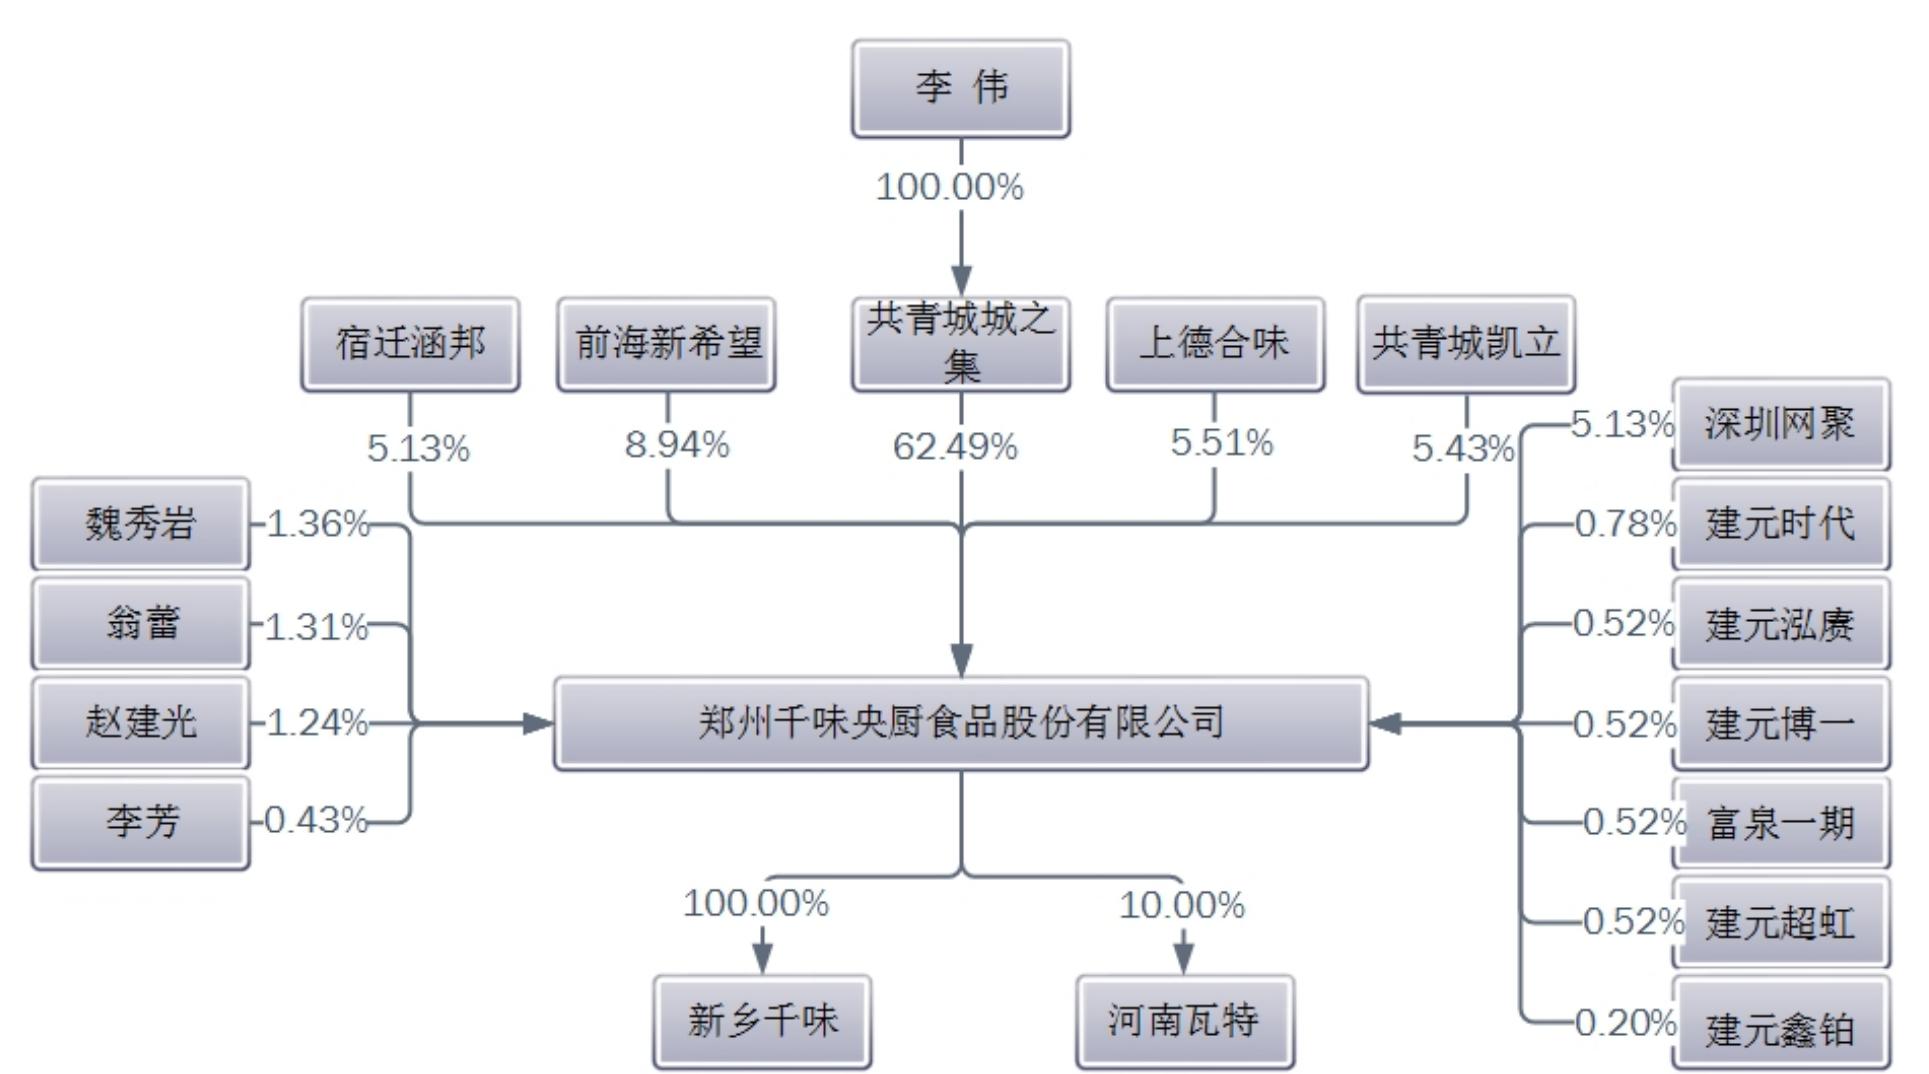 千味央厨股权结构 图片来源:招股书截图